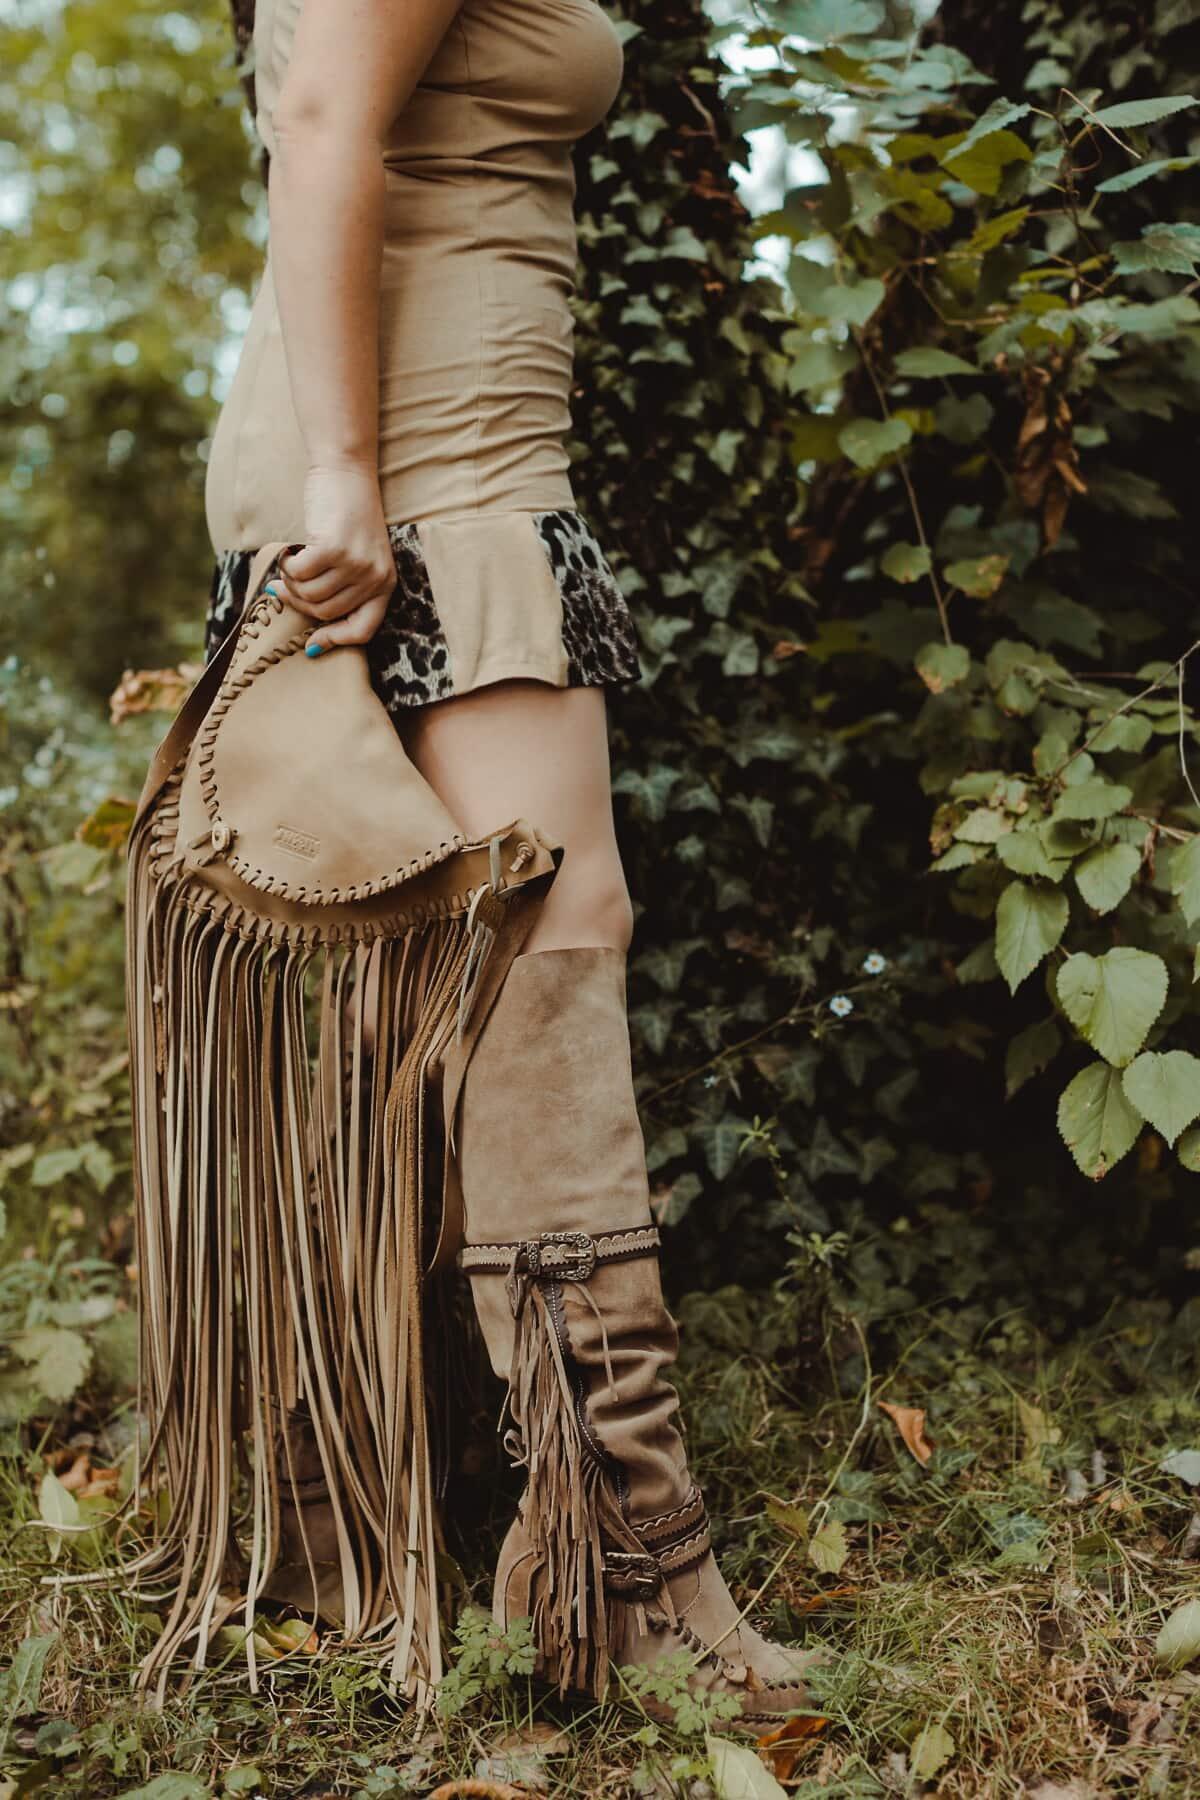 kulit, coklat, tas tangan, Sepatu bot, mewah, kuno, model tahun, mode, kaki, rok